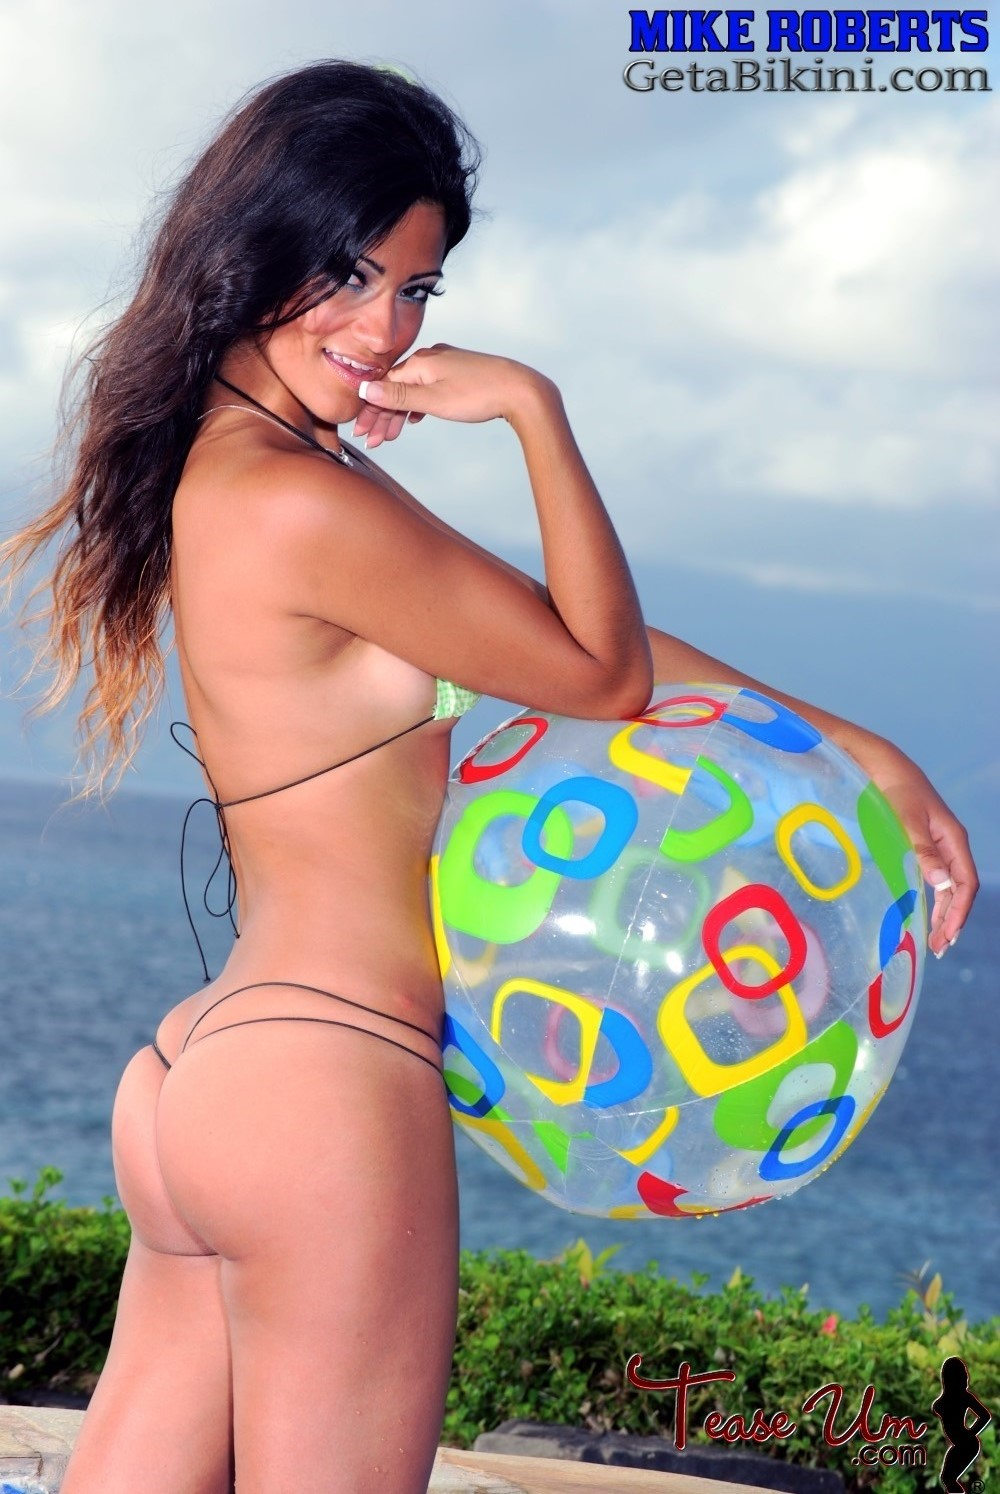 c hot sexy bikini thong buns young butts babes